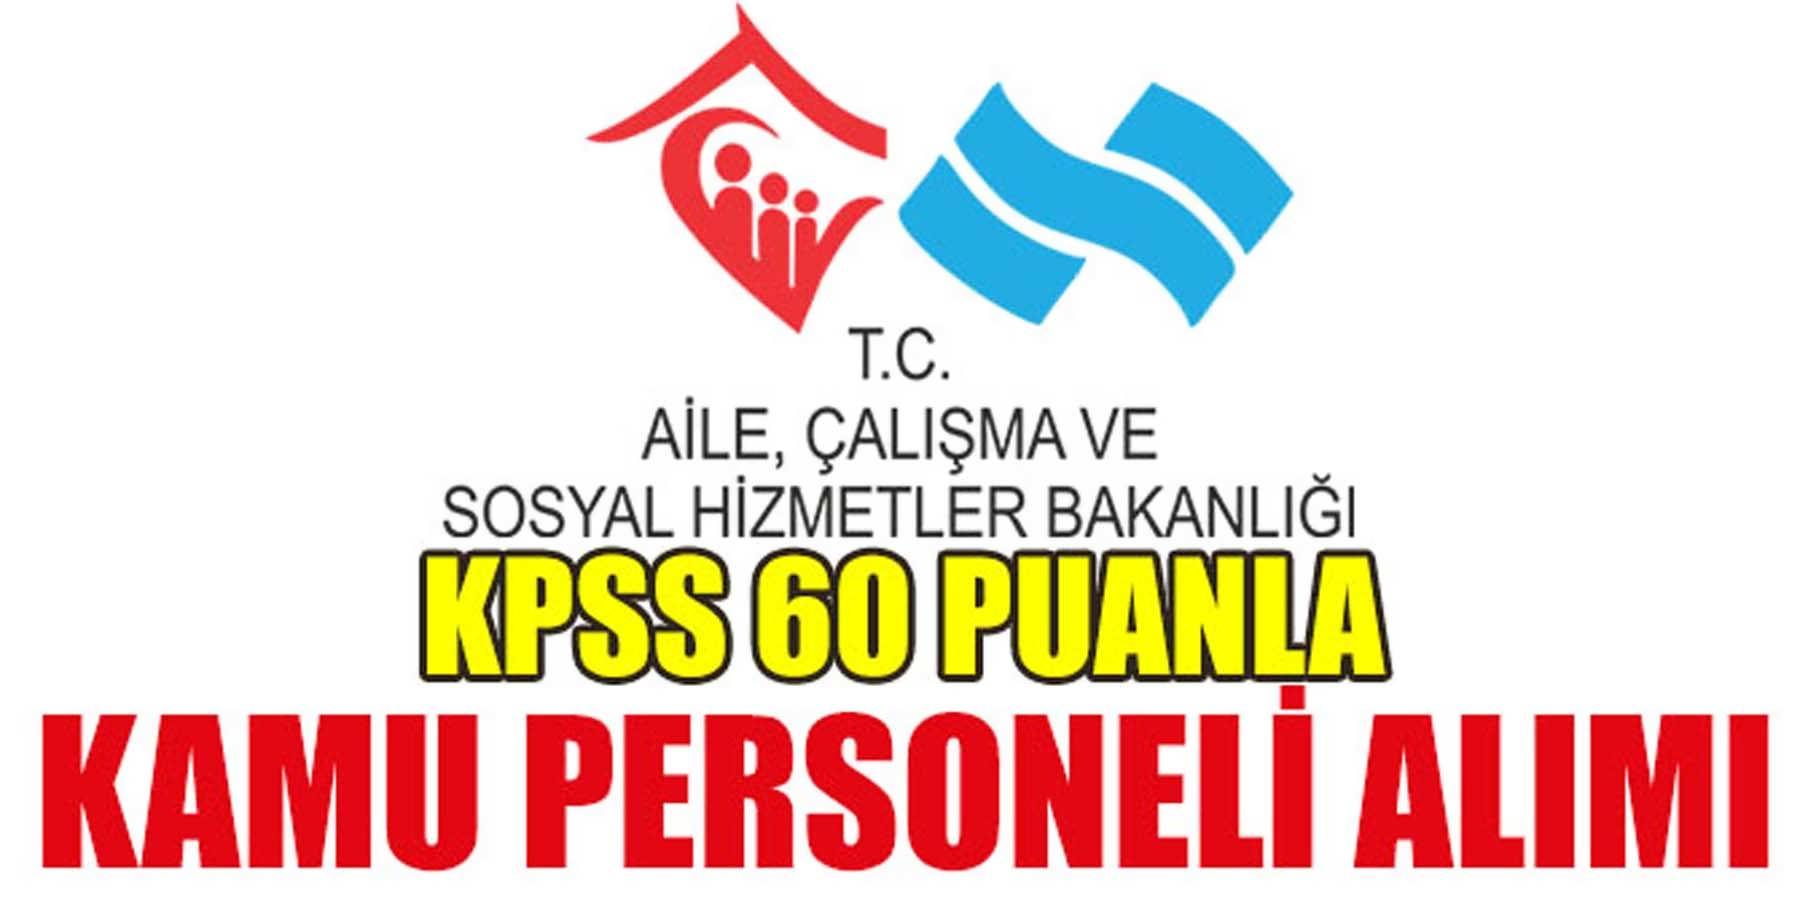 KPSS 60 Puanla Sosyal Hizmetler Bakanlığı 7 Kamu Personeli Alımı Başvuru